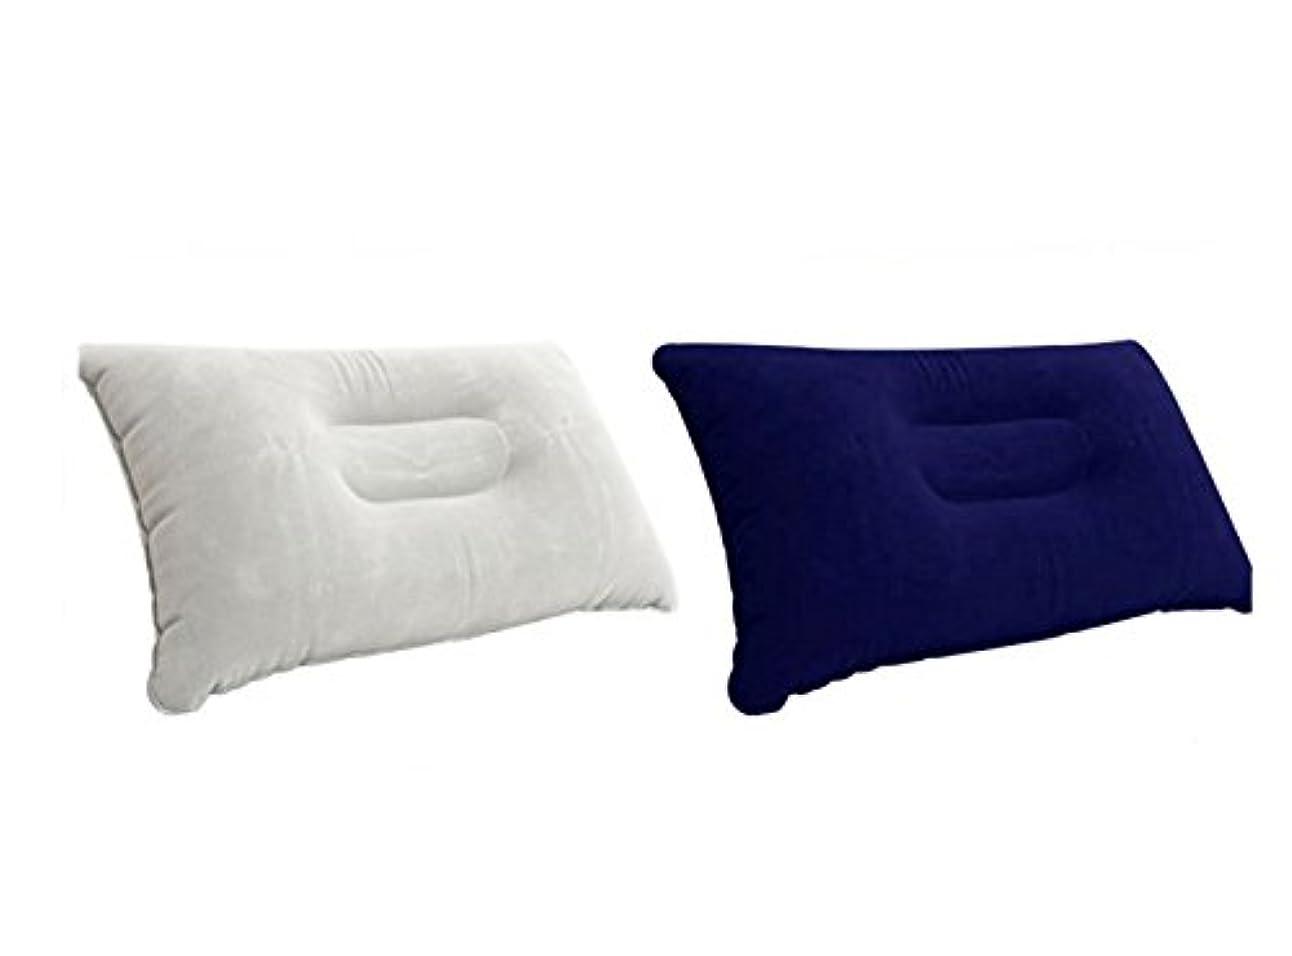 力学ストライプ助手アウトドア キャンプ 旅行 コンパクト エアー携帯枕 【ネイビー】